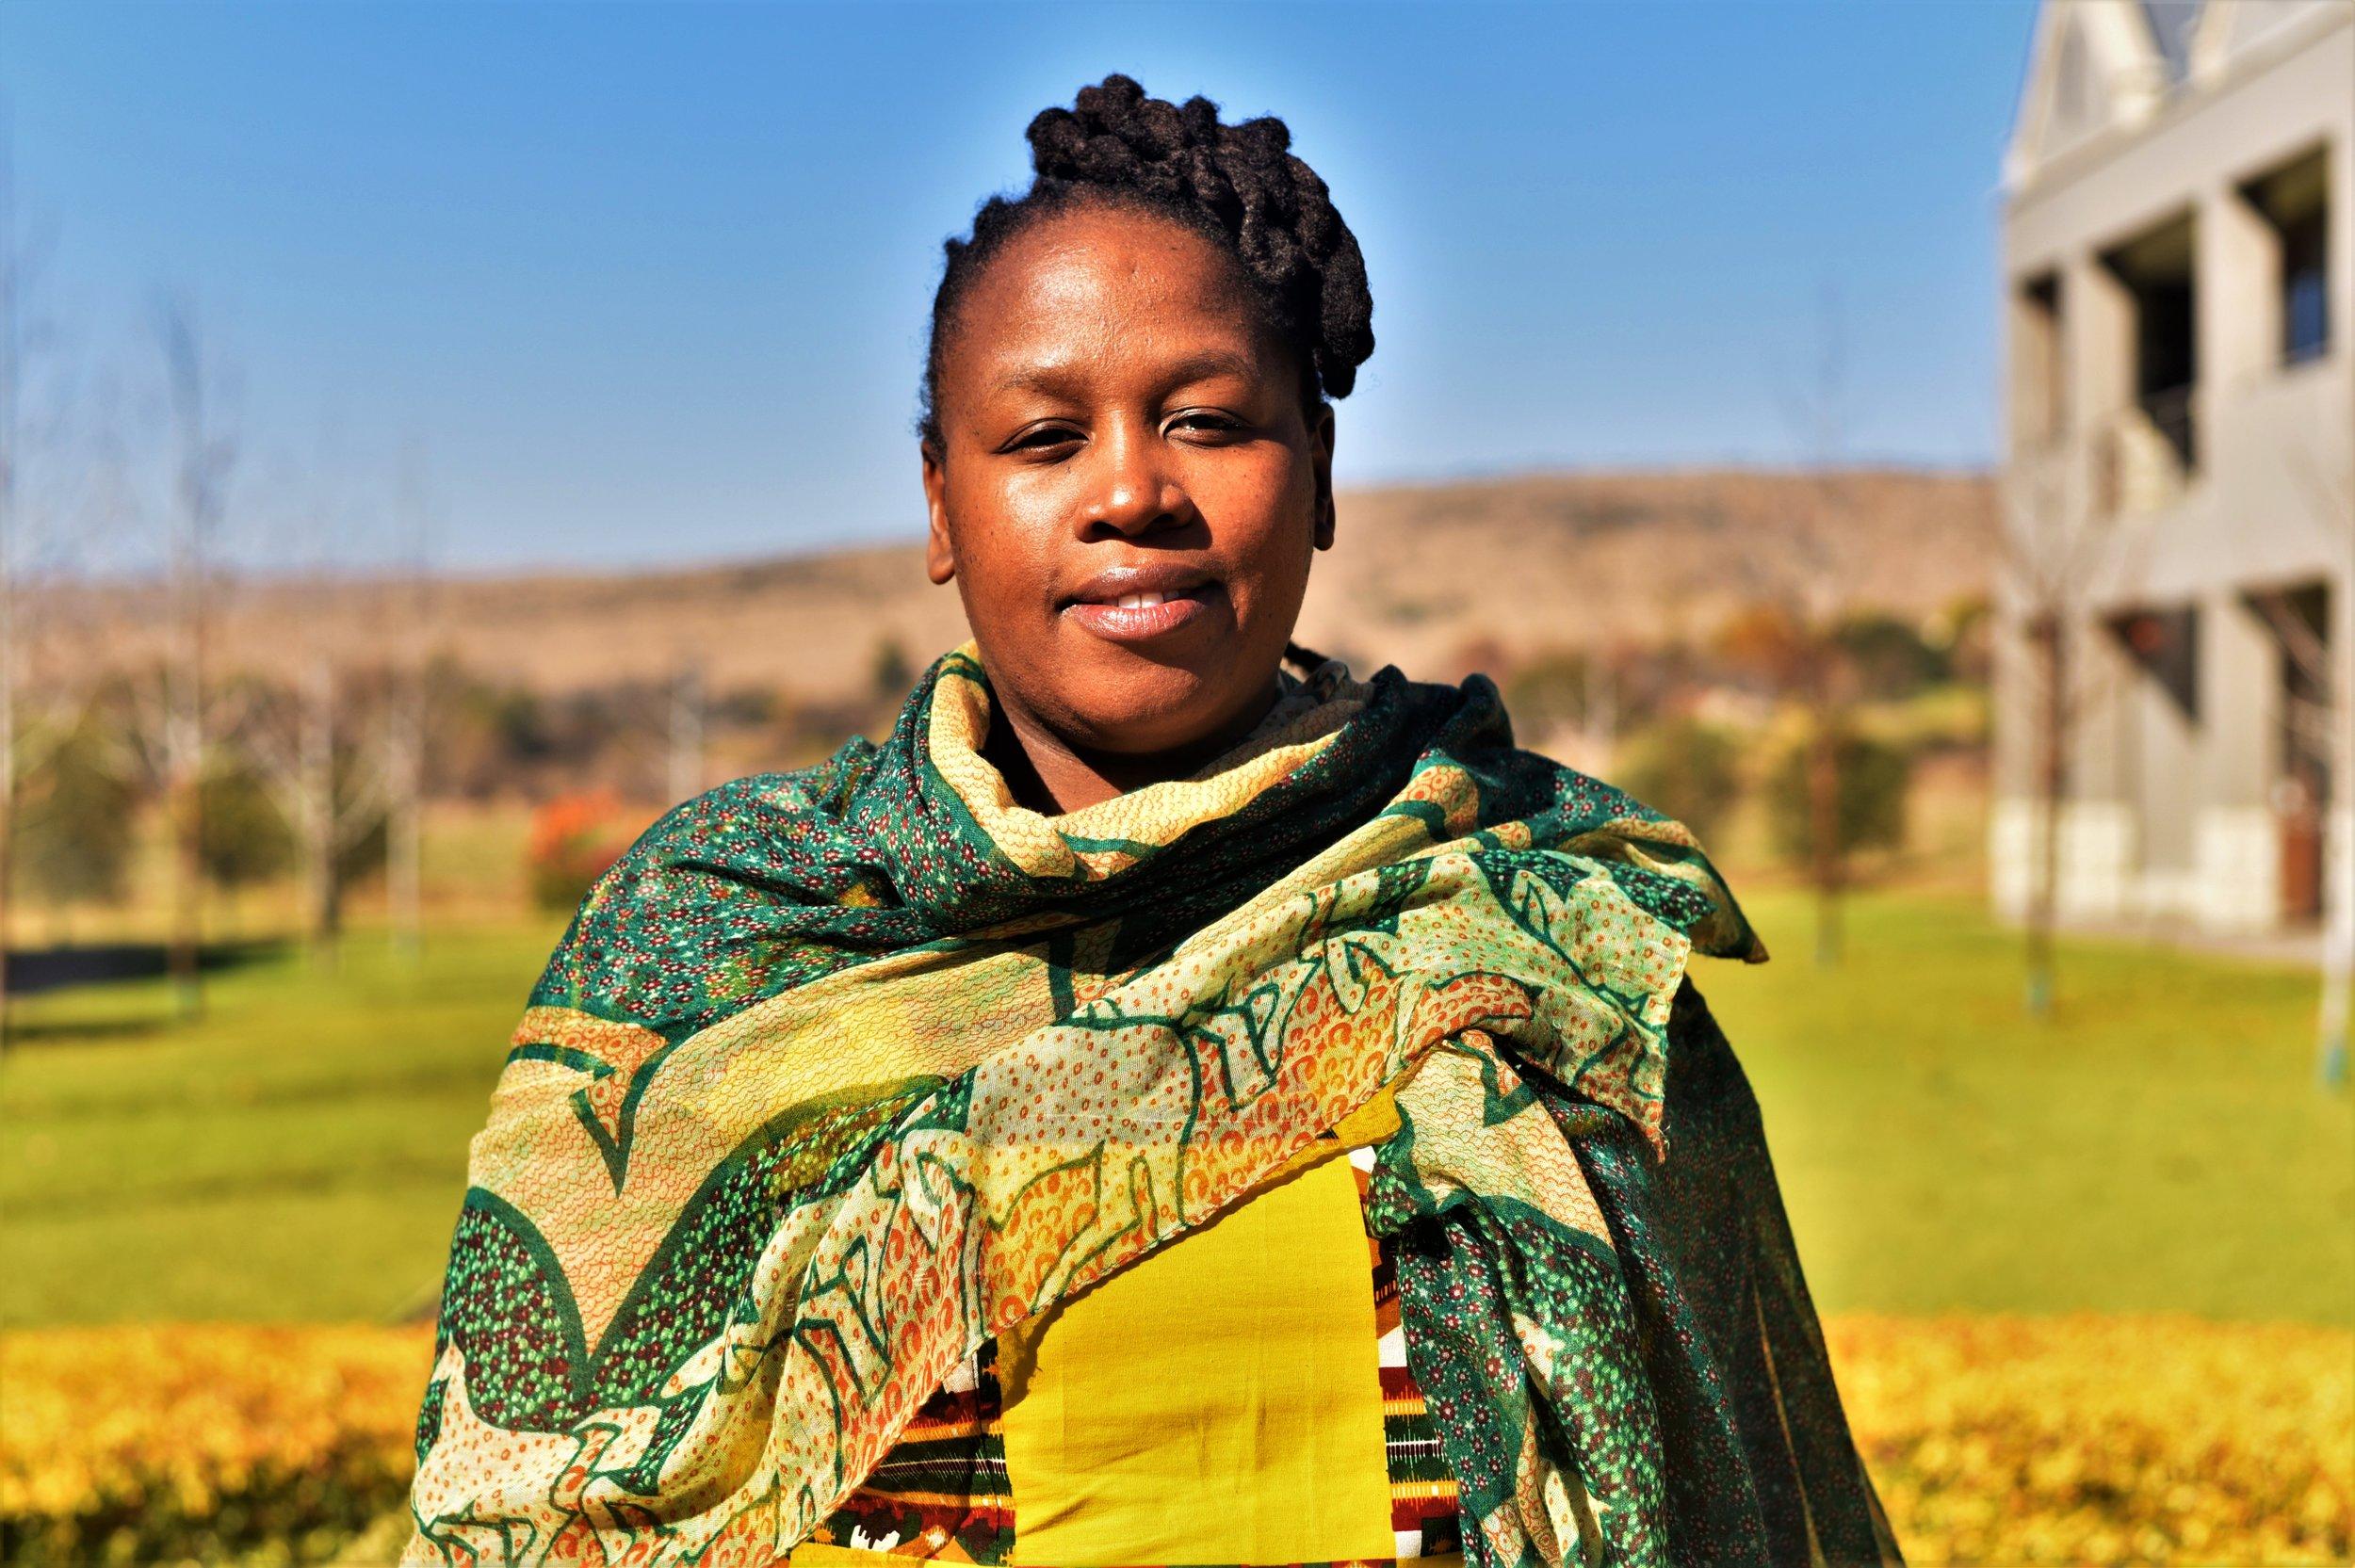 Busisiwe Dlamini | Dialogue Practitioner, Democracy Works Foundation (@busi_dlamini)